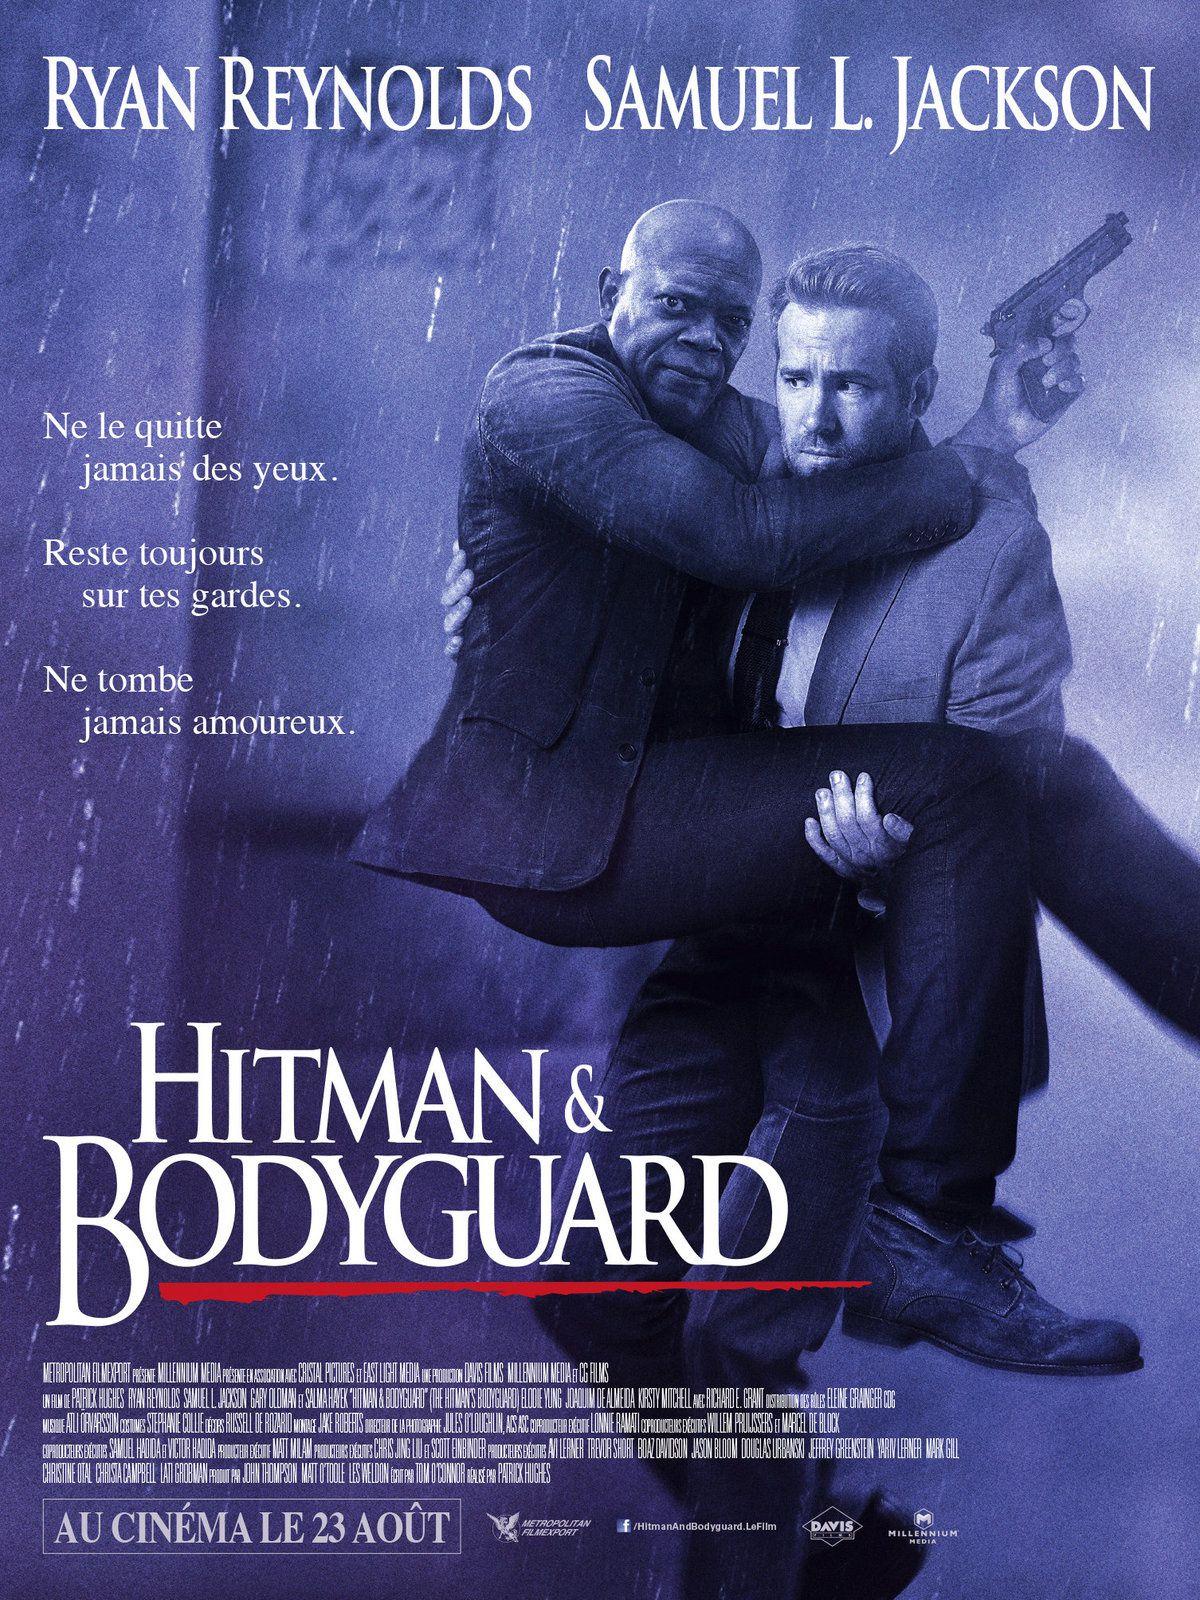 HITMAN AND BODYGUARD avec Ryan Reynolds et Samuel L. Jackson – La bande-annonce explosive ! Le 23 août 2017 au cinéma